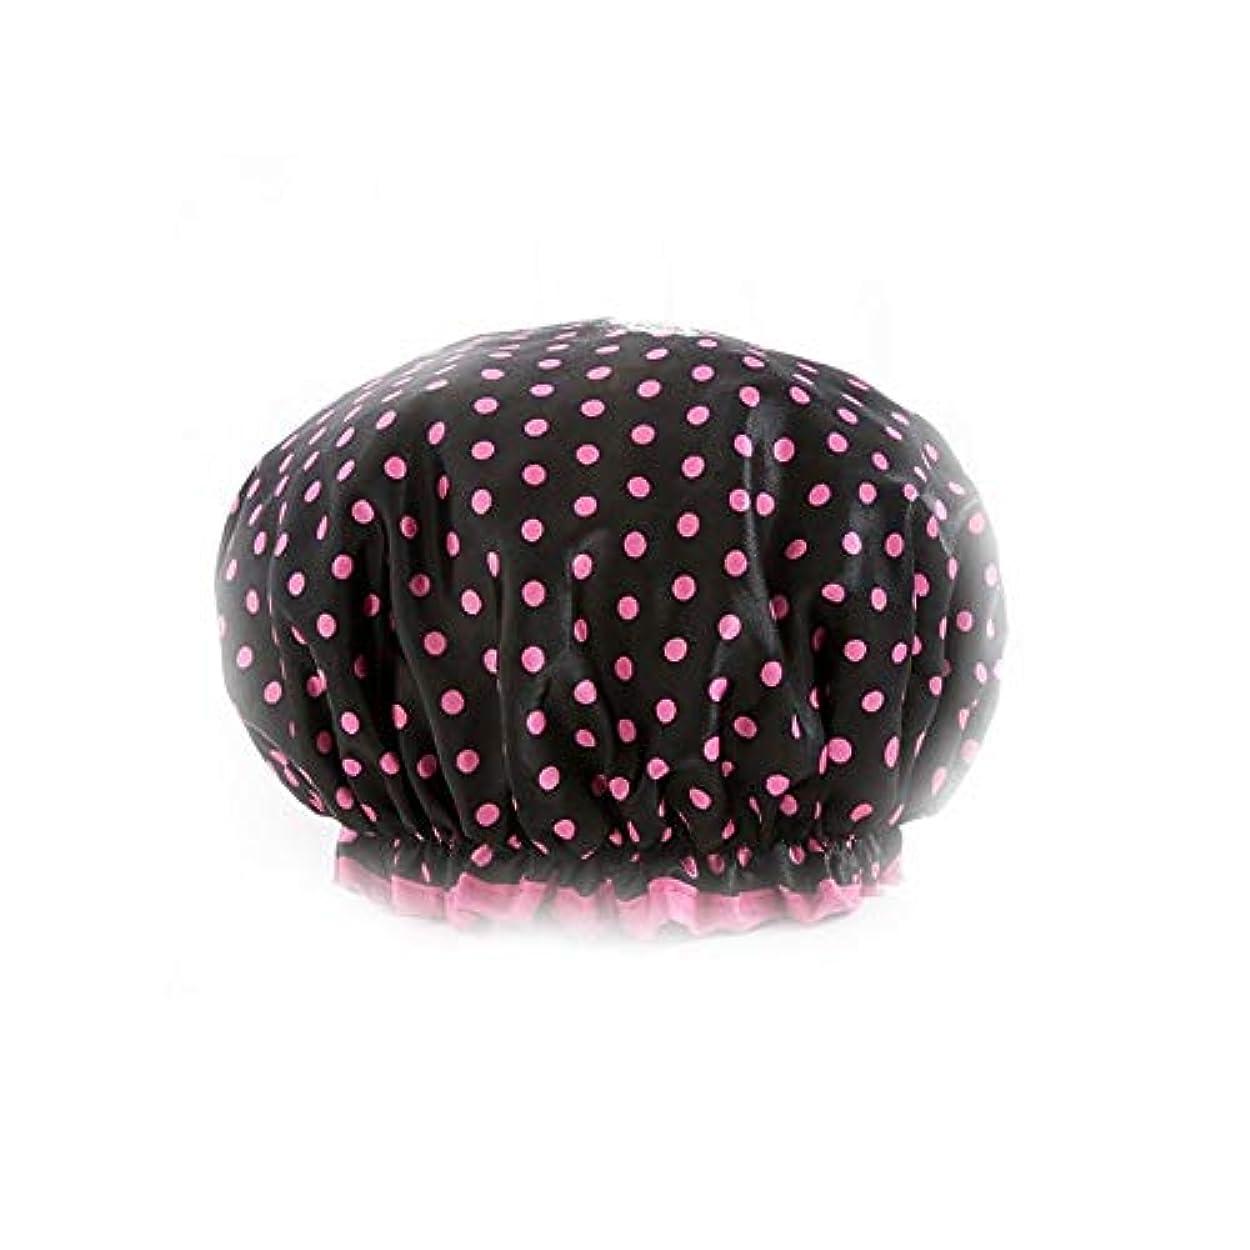 世界に死んだお気に入り正確DKX シャワーキャップ、女性のすべての髪の長さと厚さに適しレディースシャワーキャップデラックスシャワーキャップ - 防水やカビ耐性、再利用可能なシャワー。 髪のタイムリーな保護 (Color : 2)